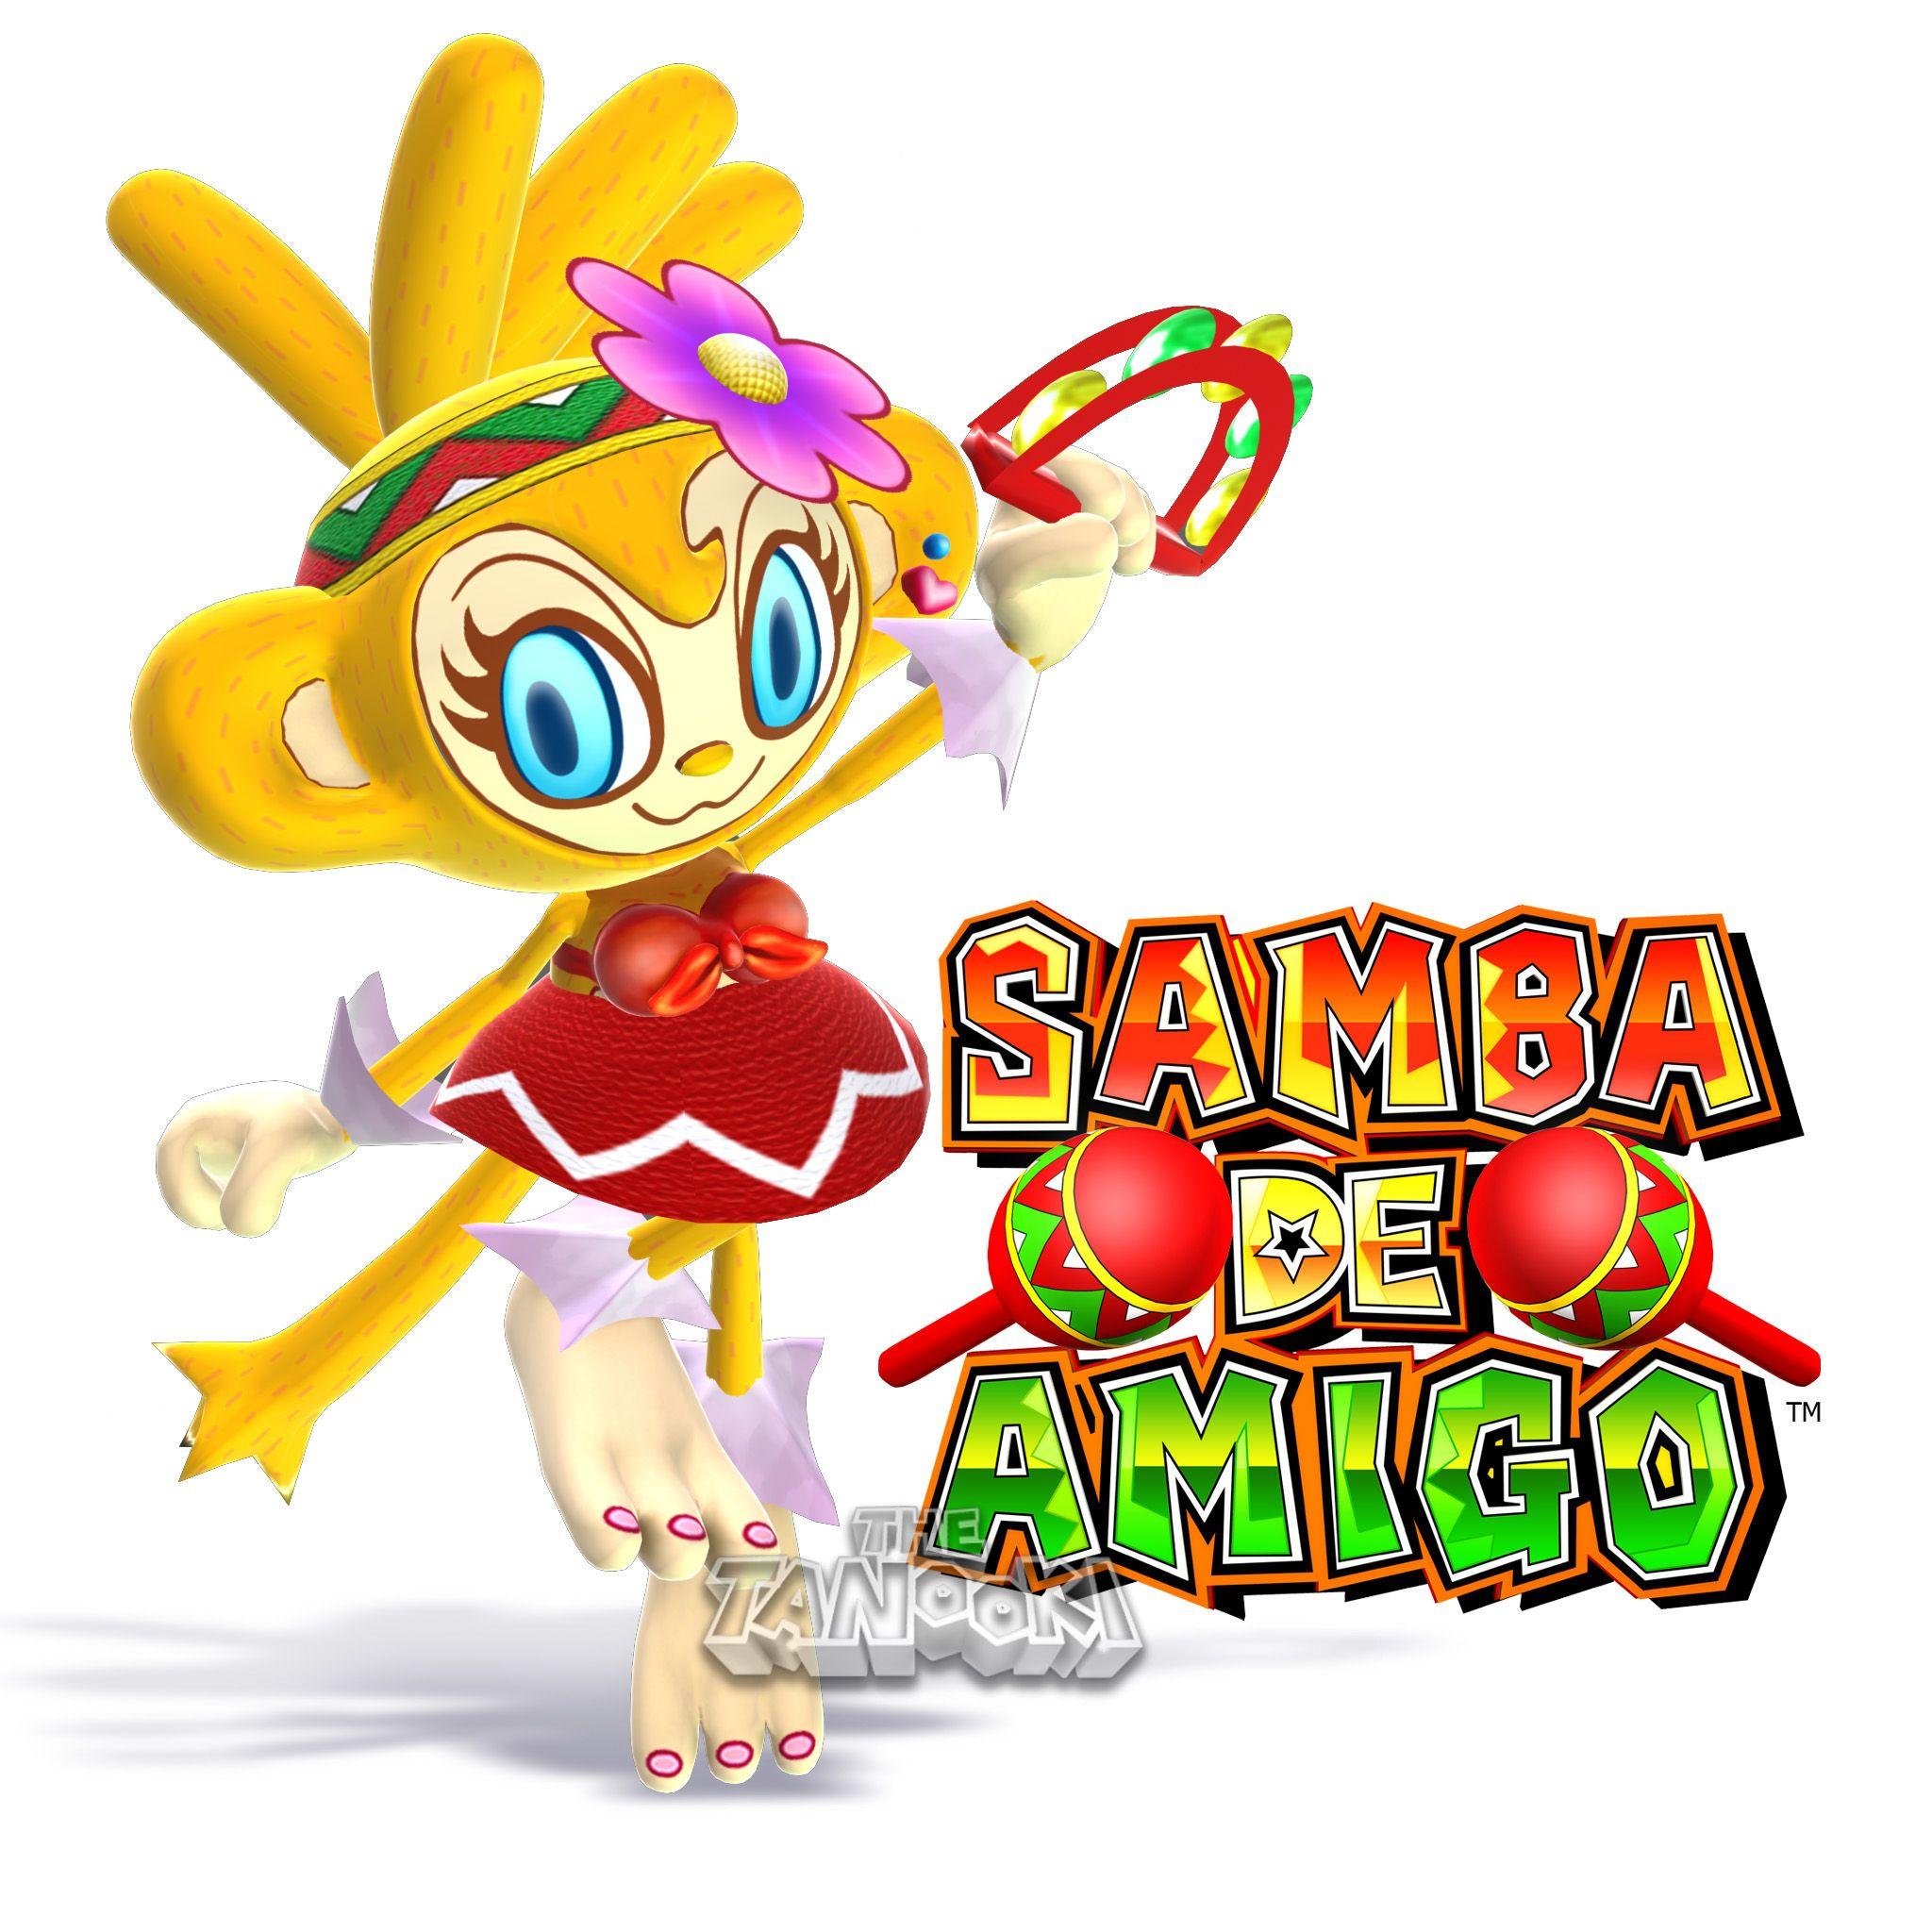 Samba de amigo till wii